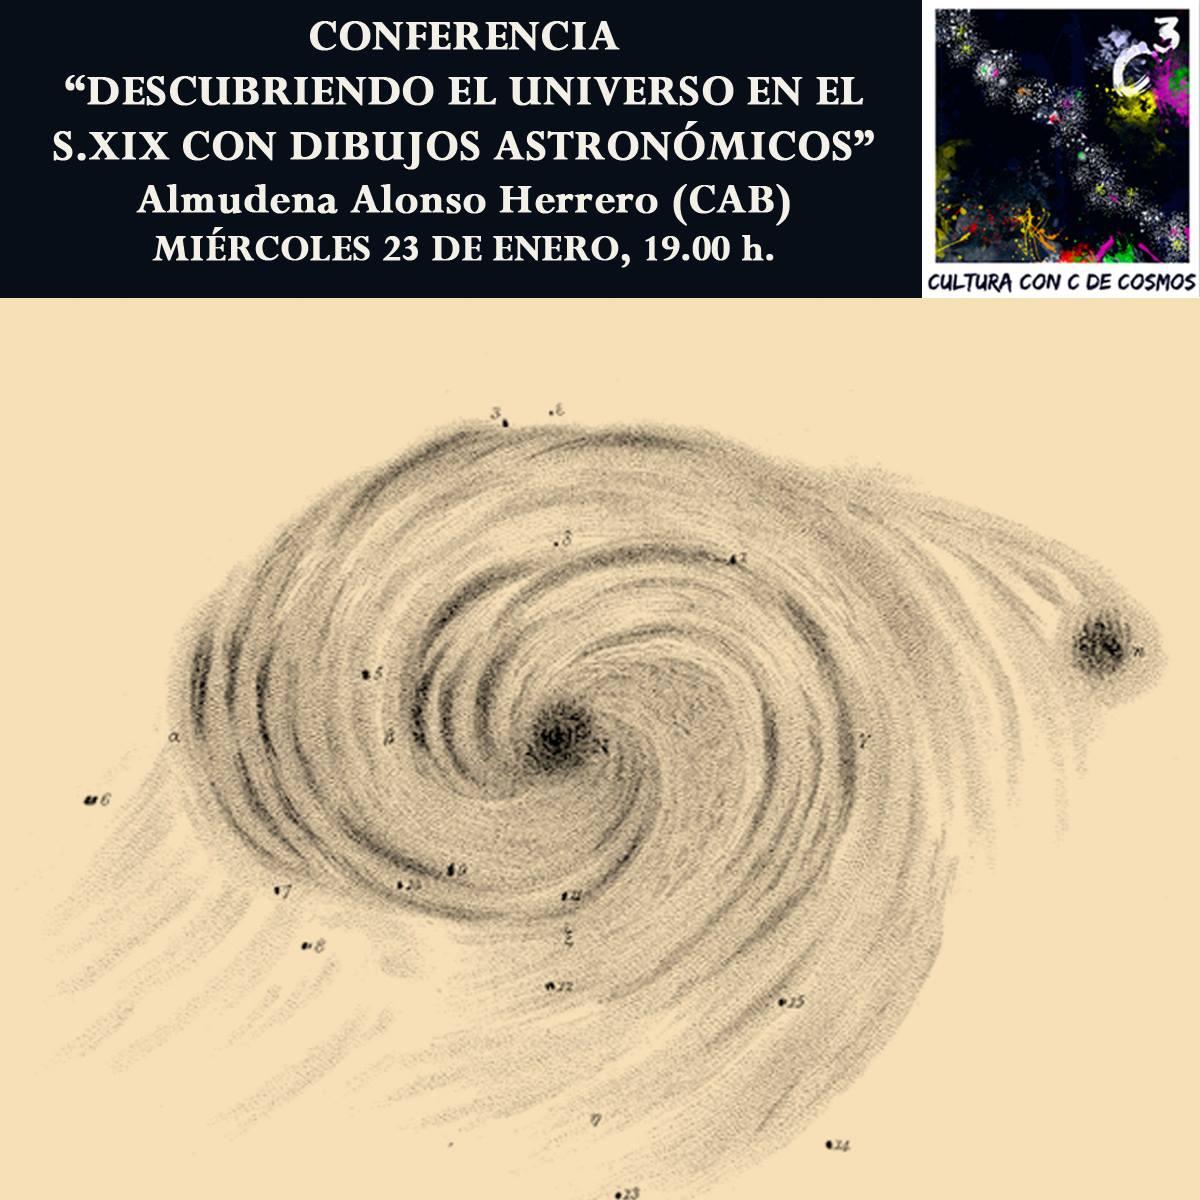 Descubriendo el Universo en el S. XIX con dibujos astronómicos C3